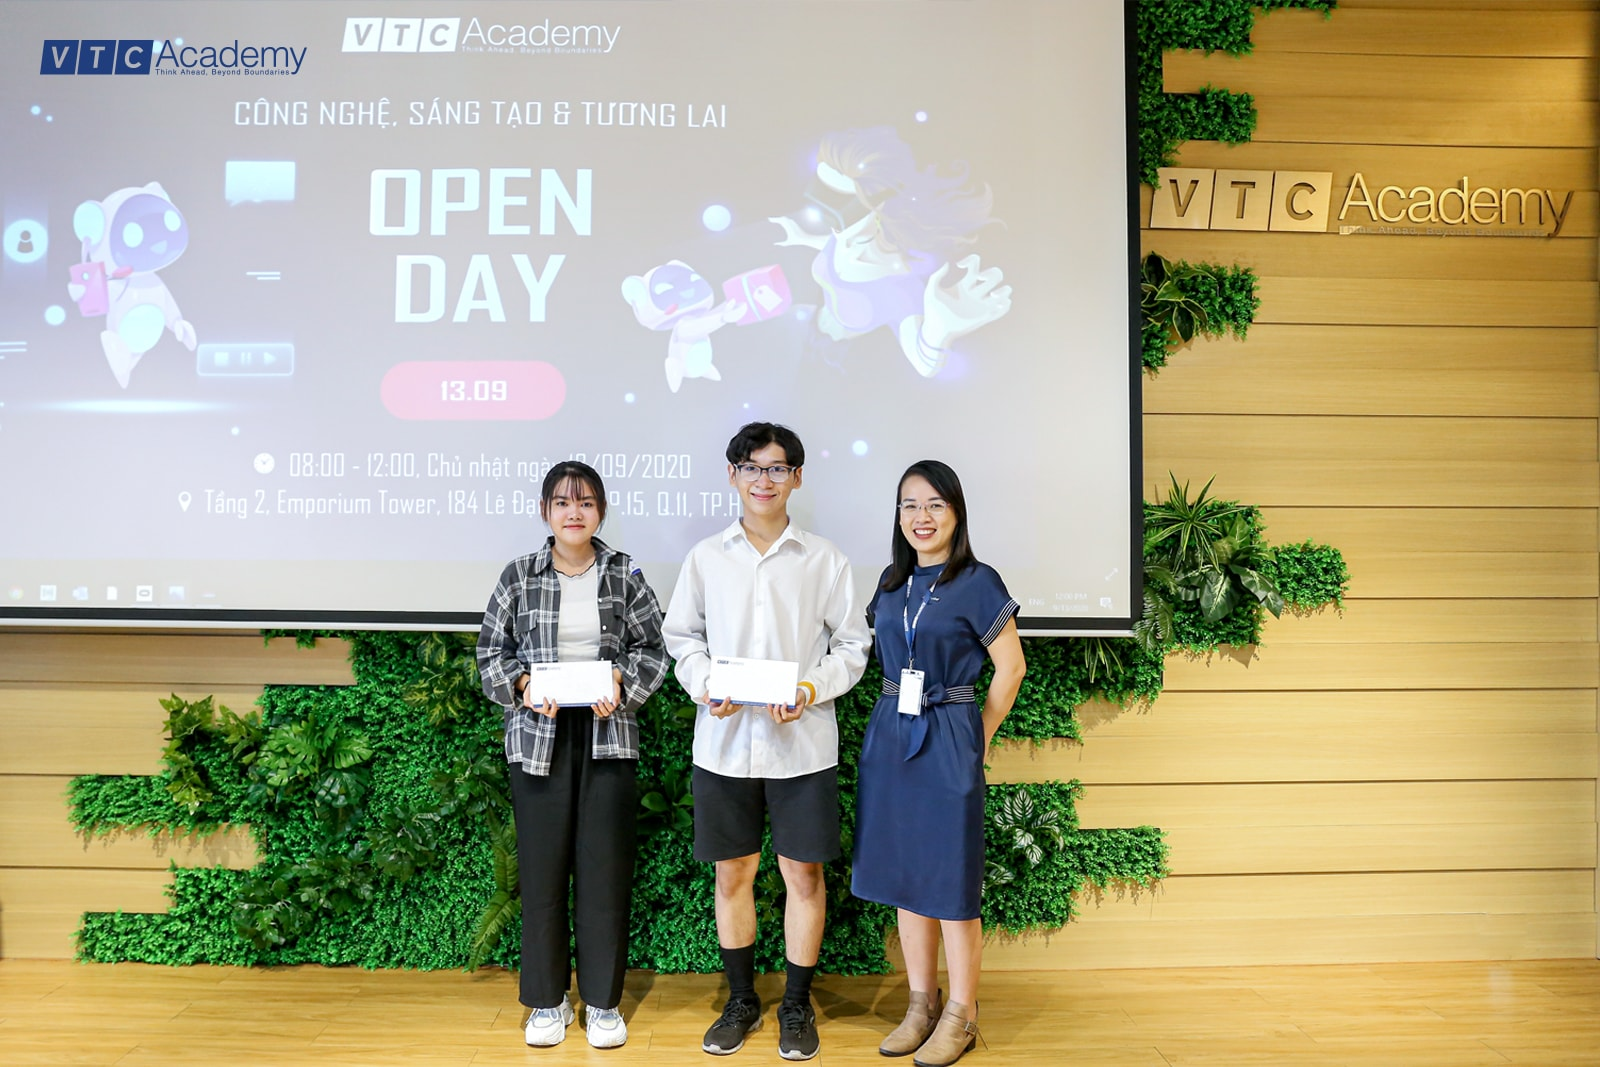 """Sự kiện """"Open Day: Công nghệ, Sáng tạo & Tương lai"""" tại TP.HCM"""